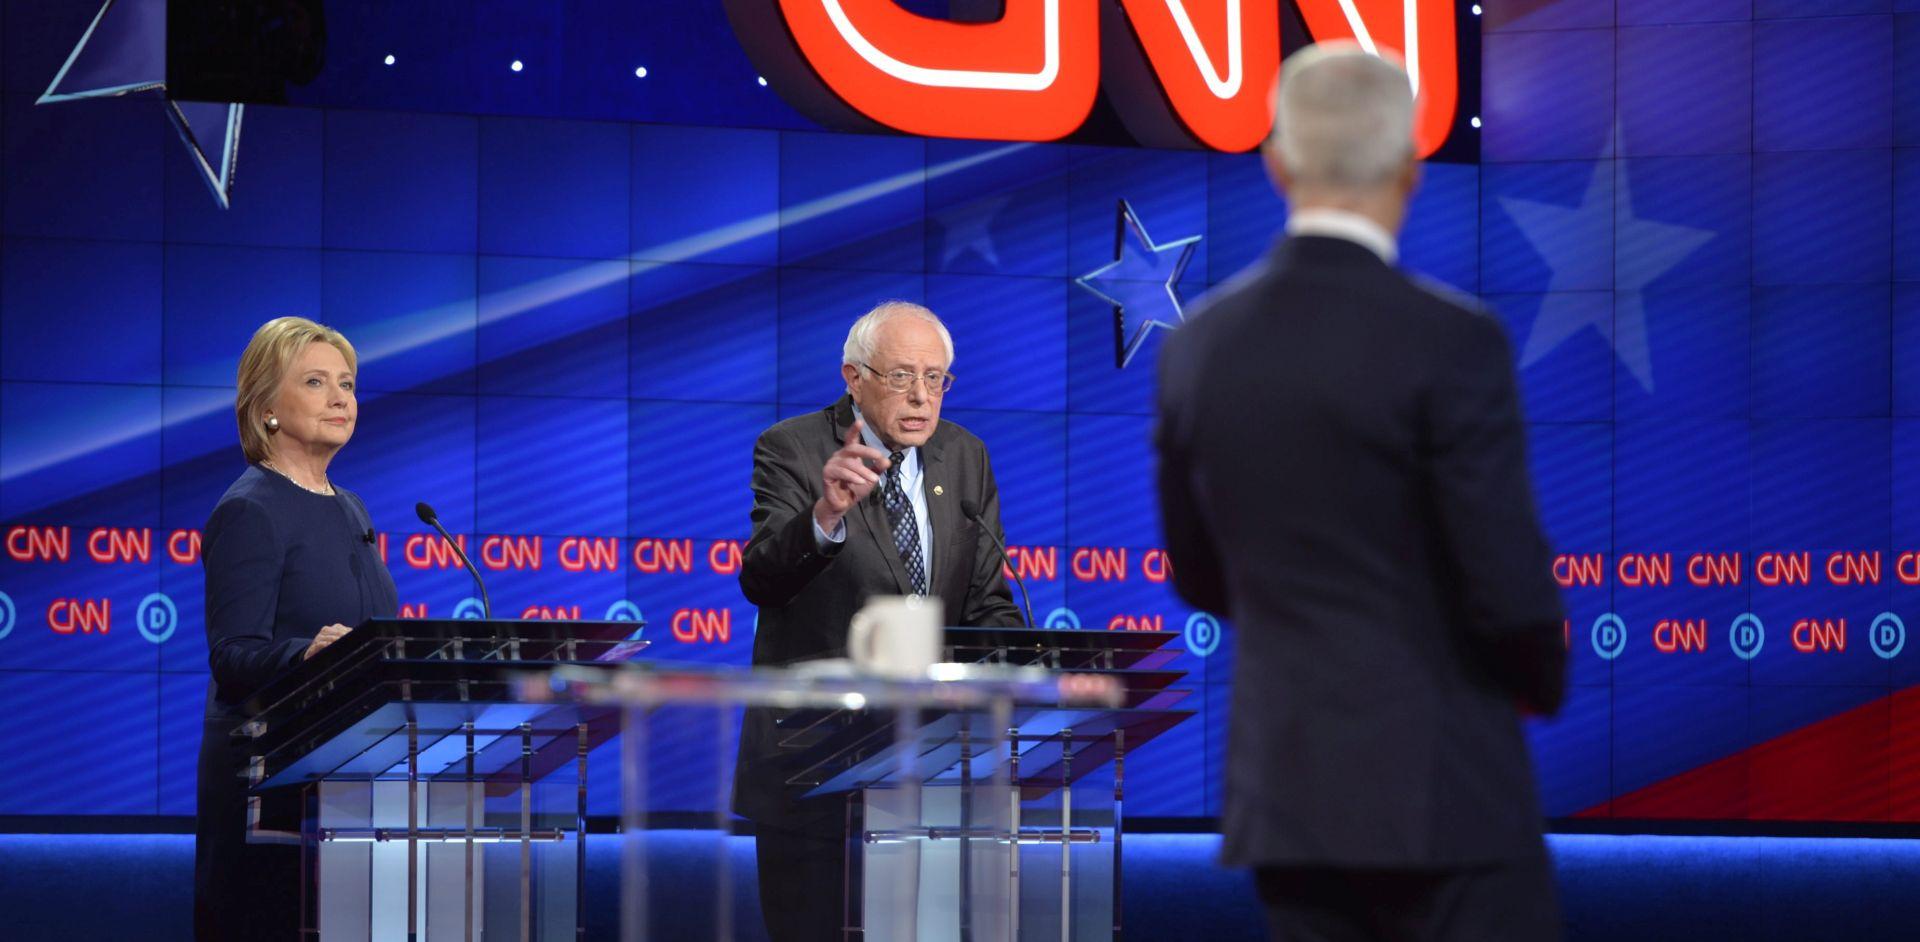 PREDSJEDNIČKI IZBORI U SAD-U Clinton i Sanders dogovorili televizijsko sučeljavanje 14. travnja